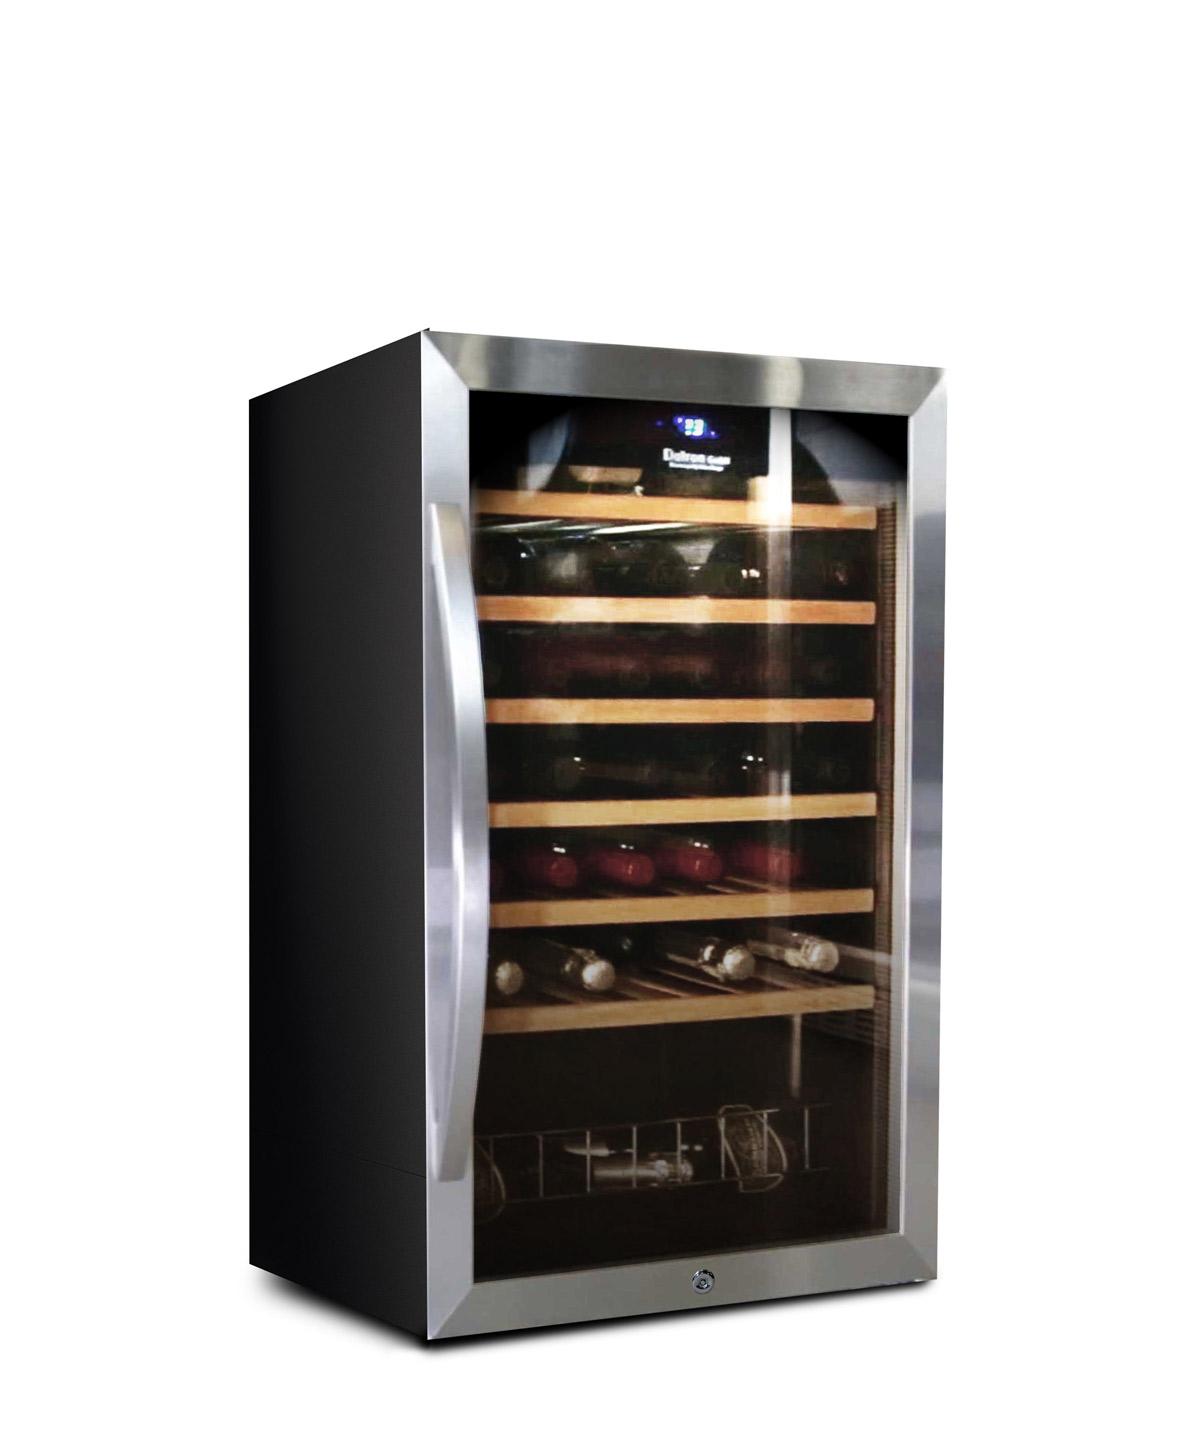 Weinkühlschrank 48 flaschen, kompressor, freistehend